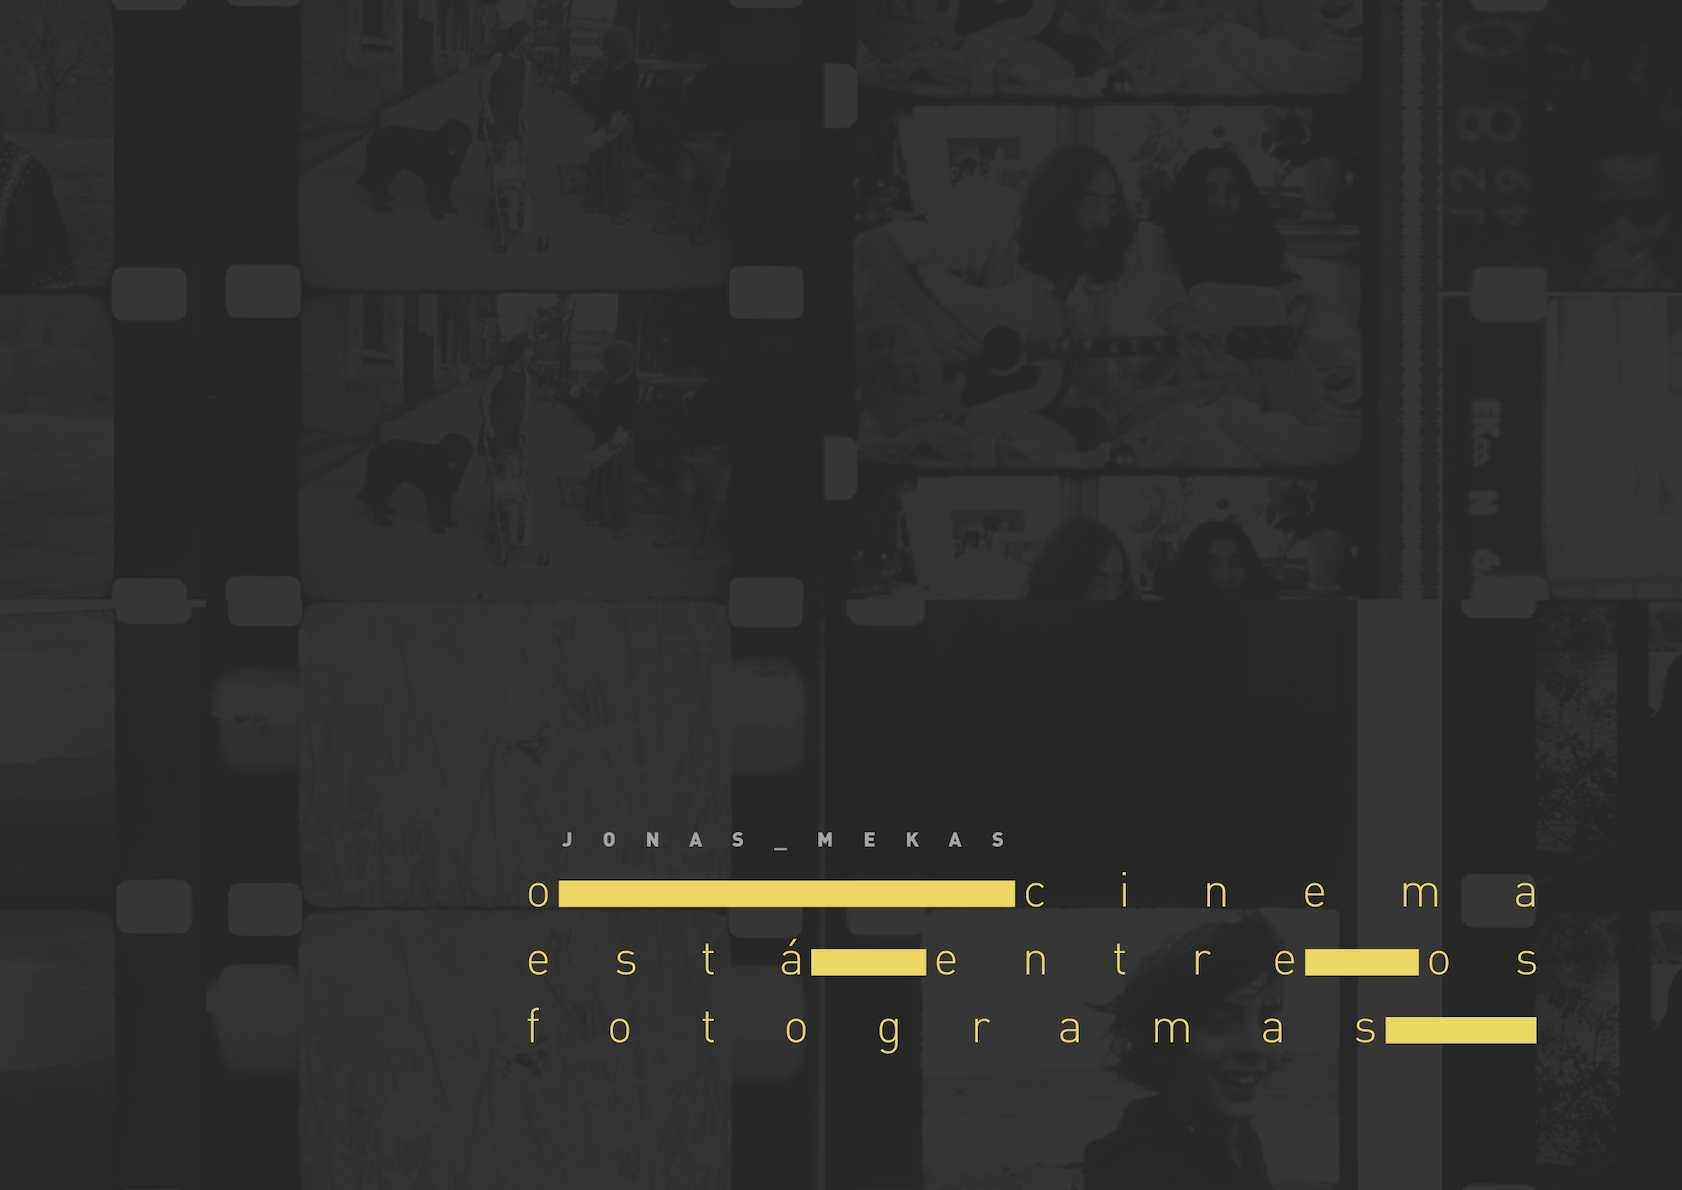 Jonas Mekas: O Cinema Está Entre os Fotogramas